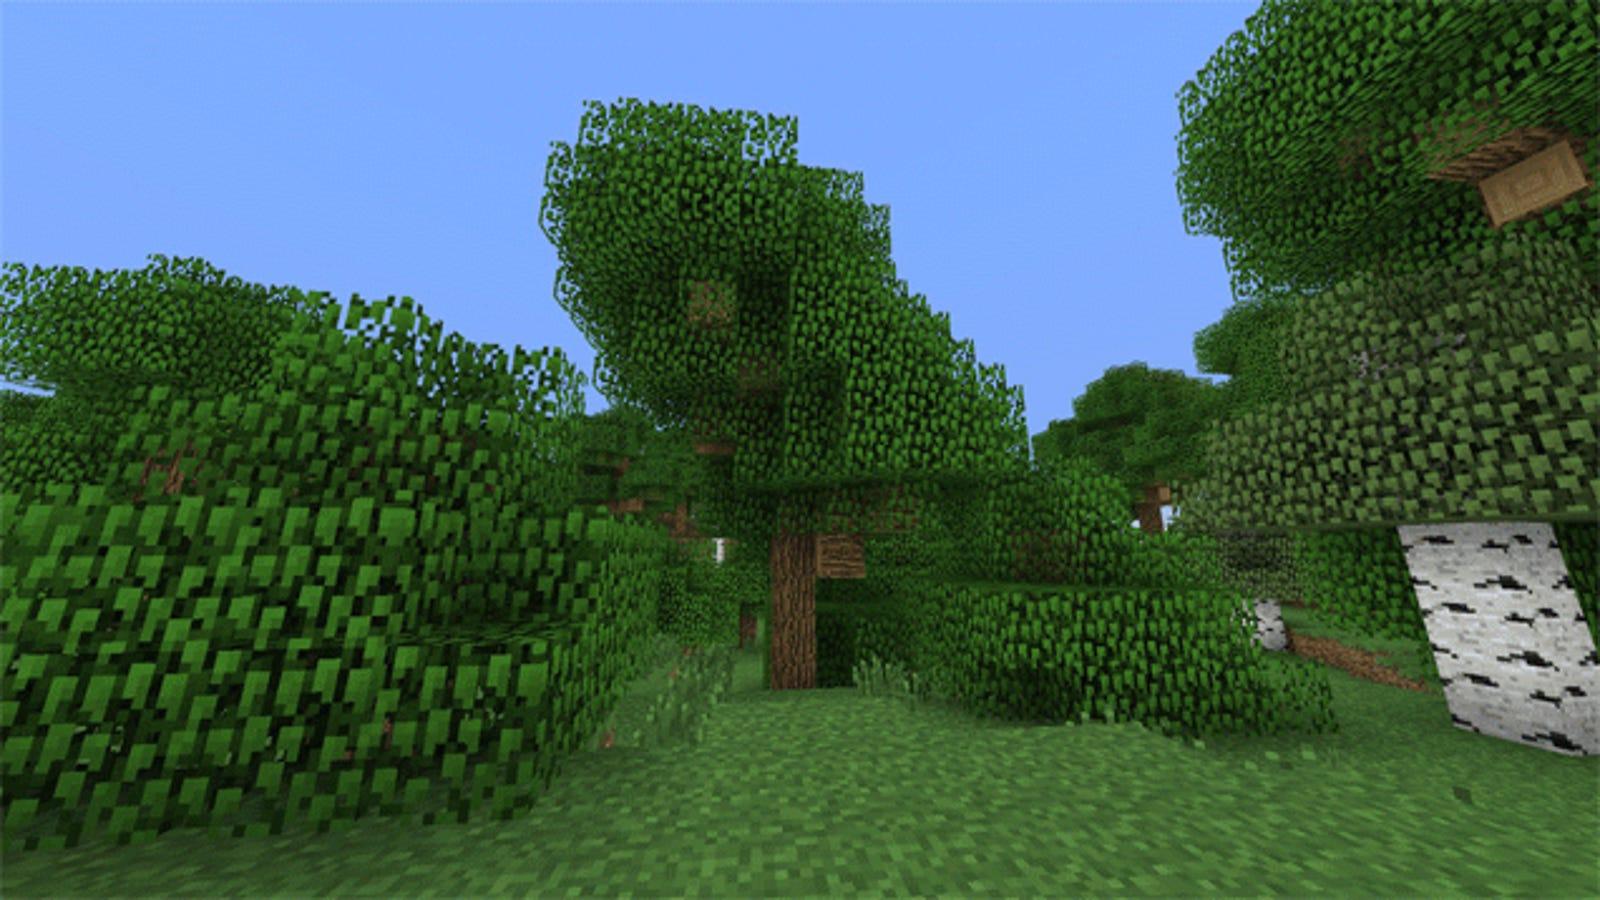 Necesitarás un superordenador para esta versión realista de Minecraft